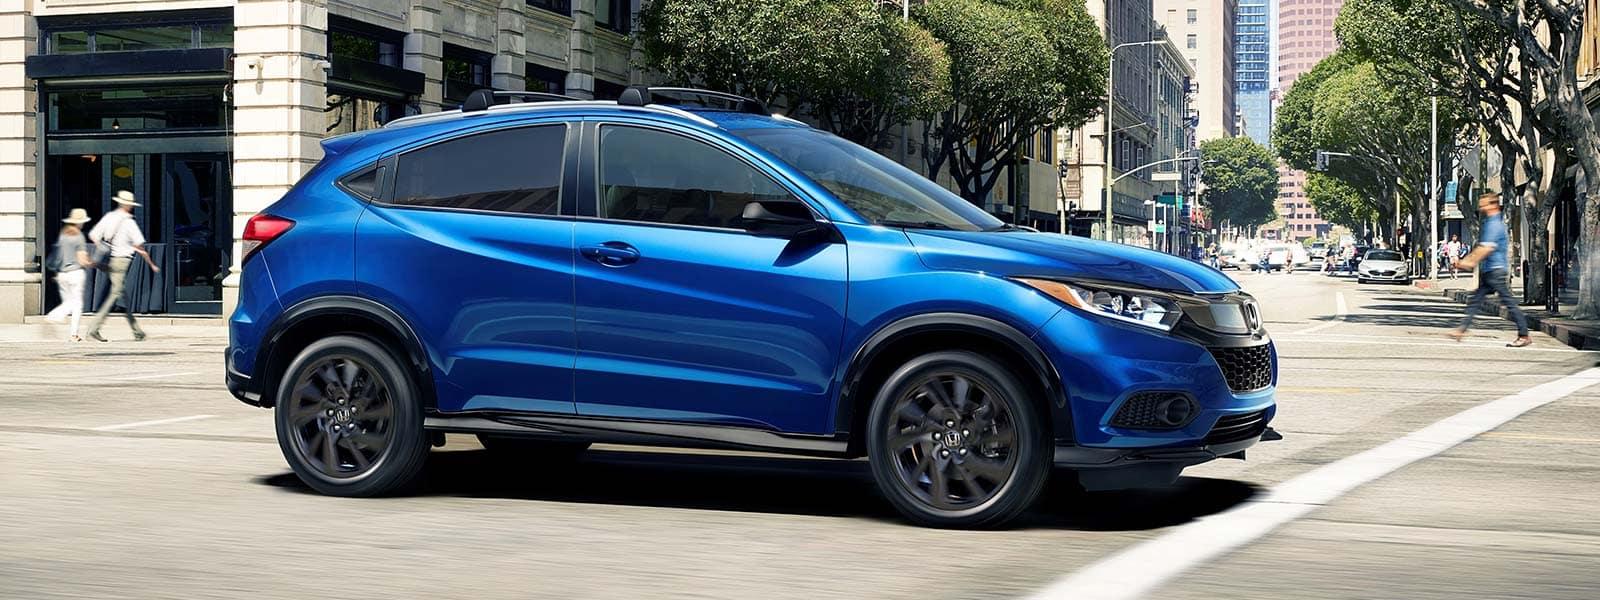 Lease or finance new 2022 Honda HR-V in Martinsville Virginia